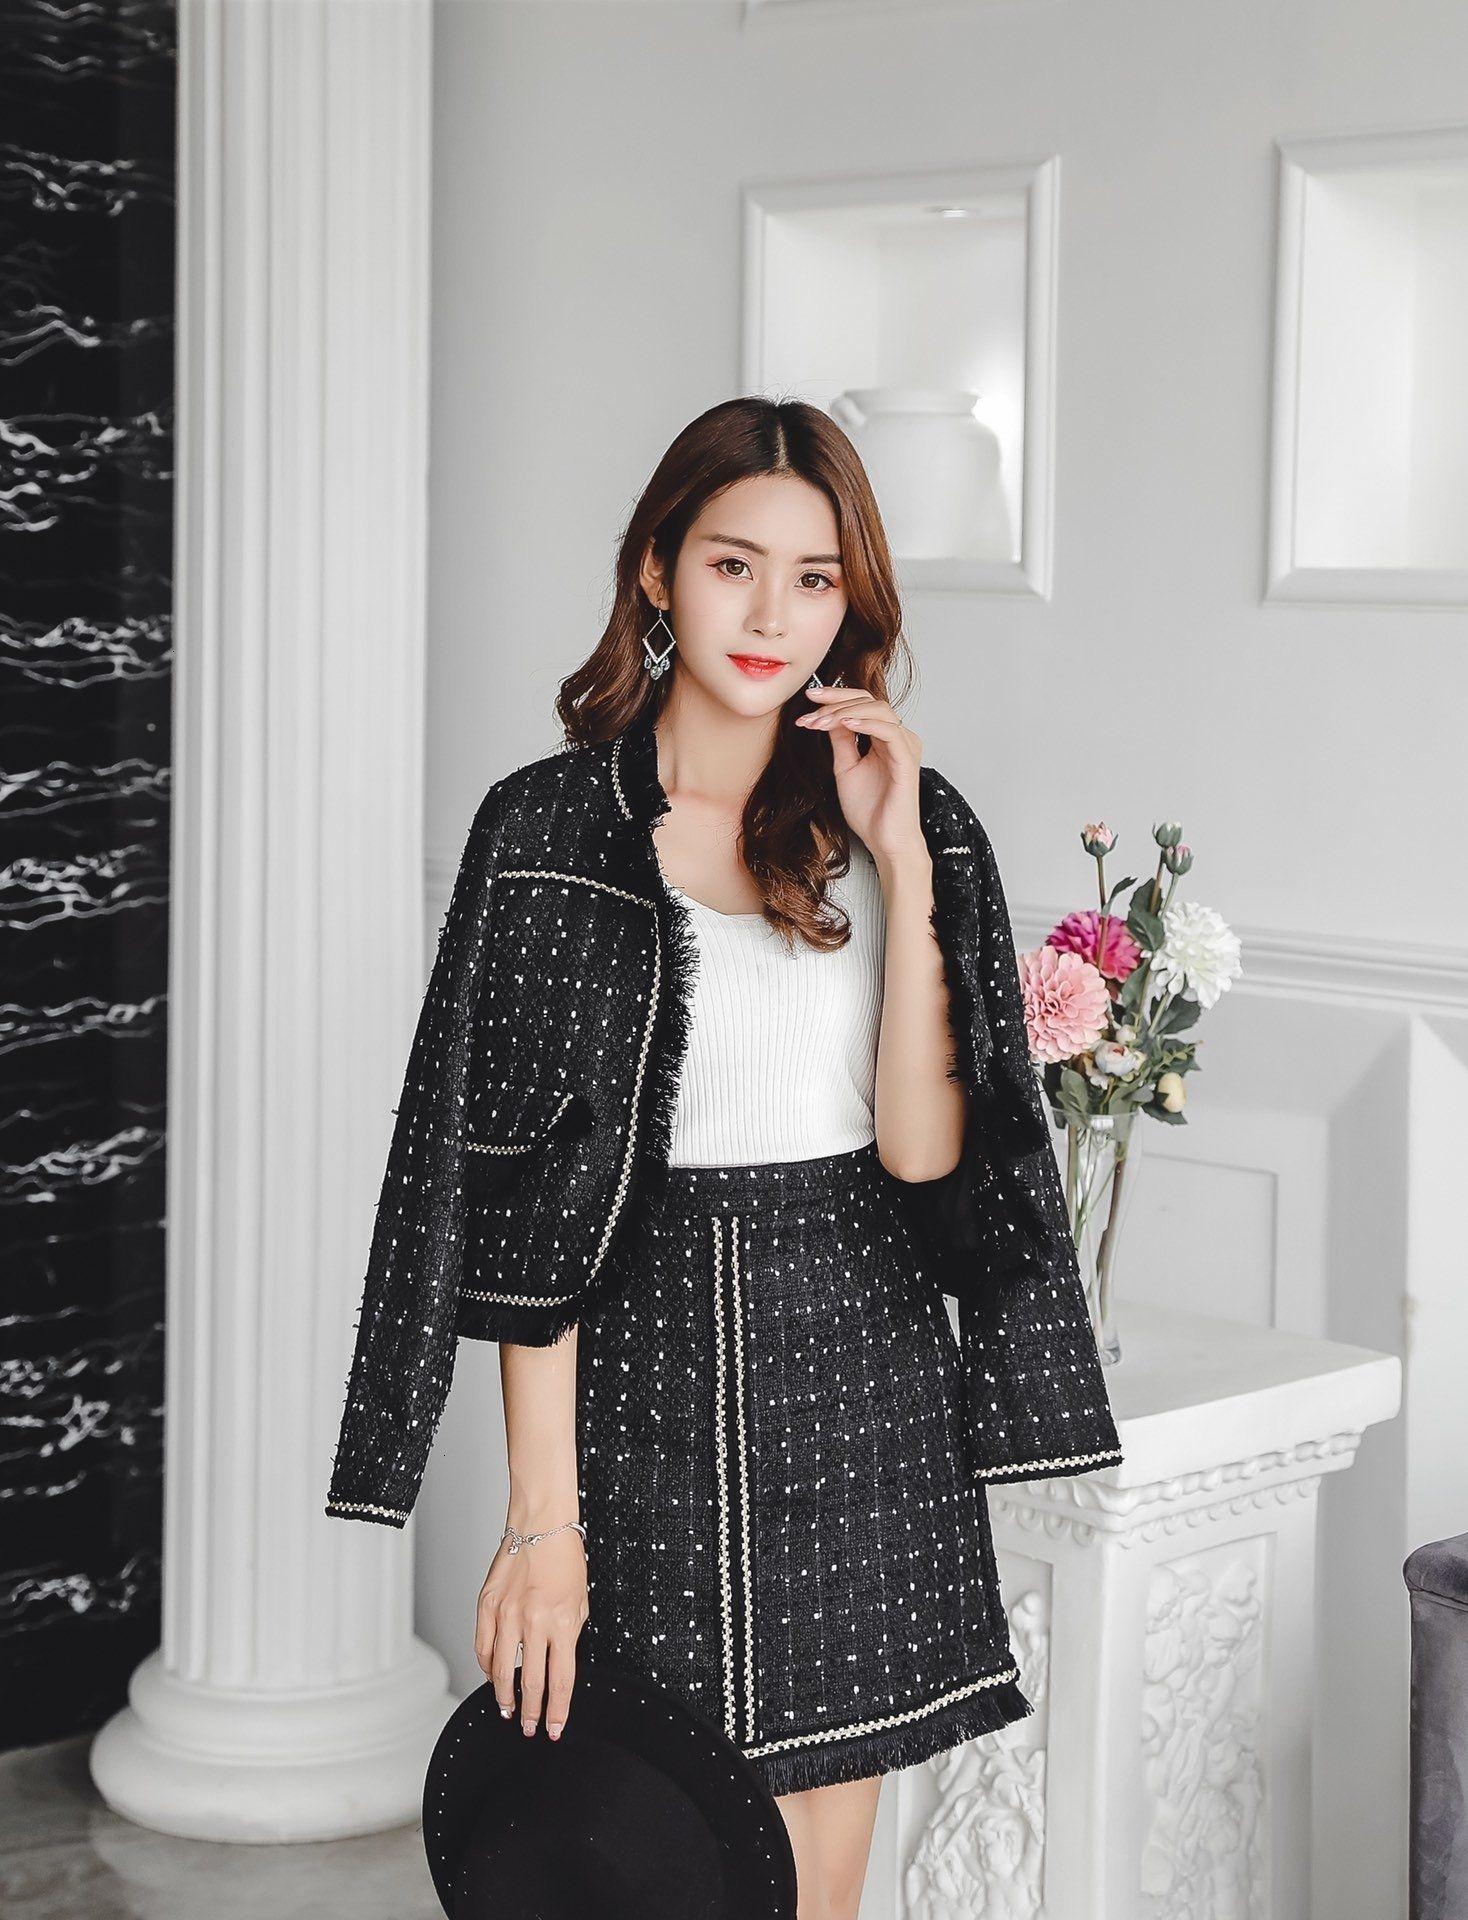 falda de la chaqueta de los vestidos de la colmena de la oficina nueva del envío del nuevo estilo